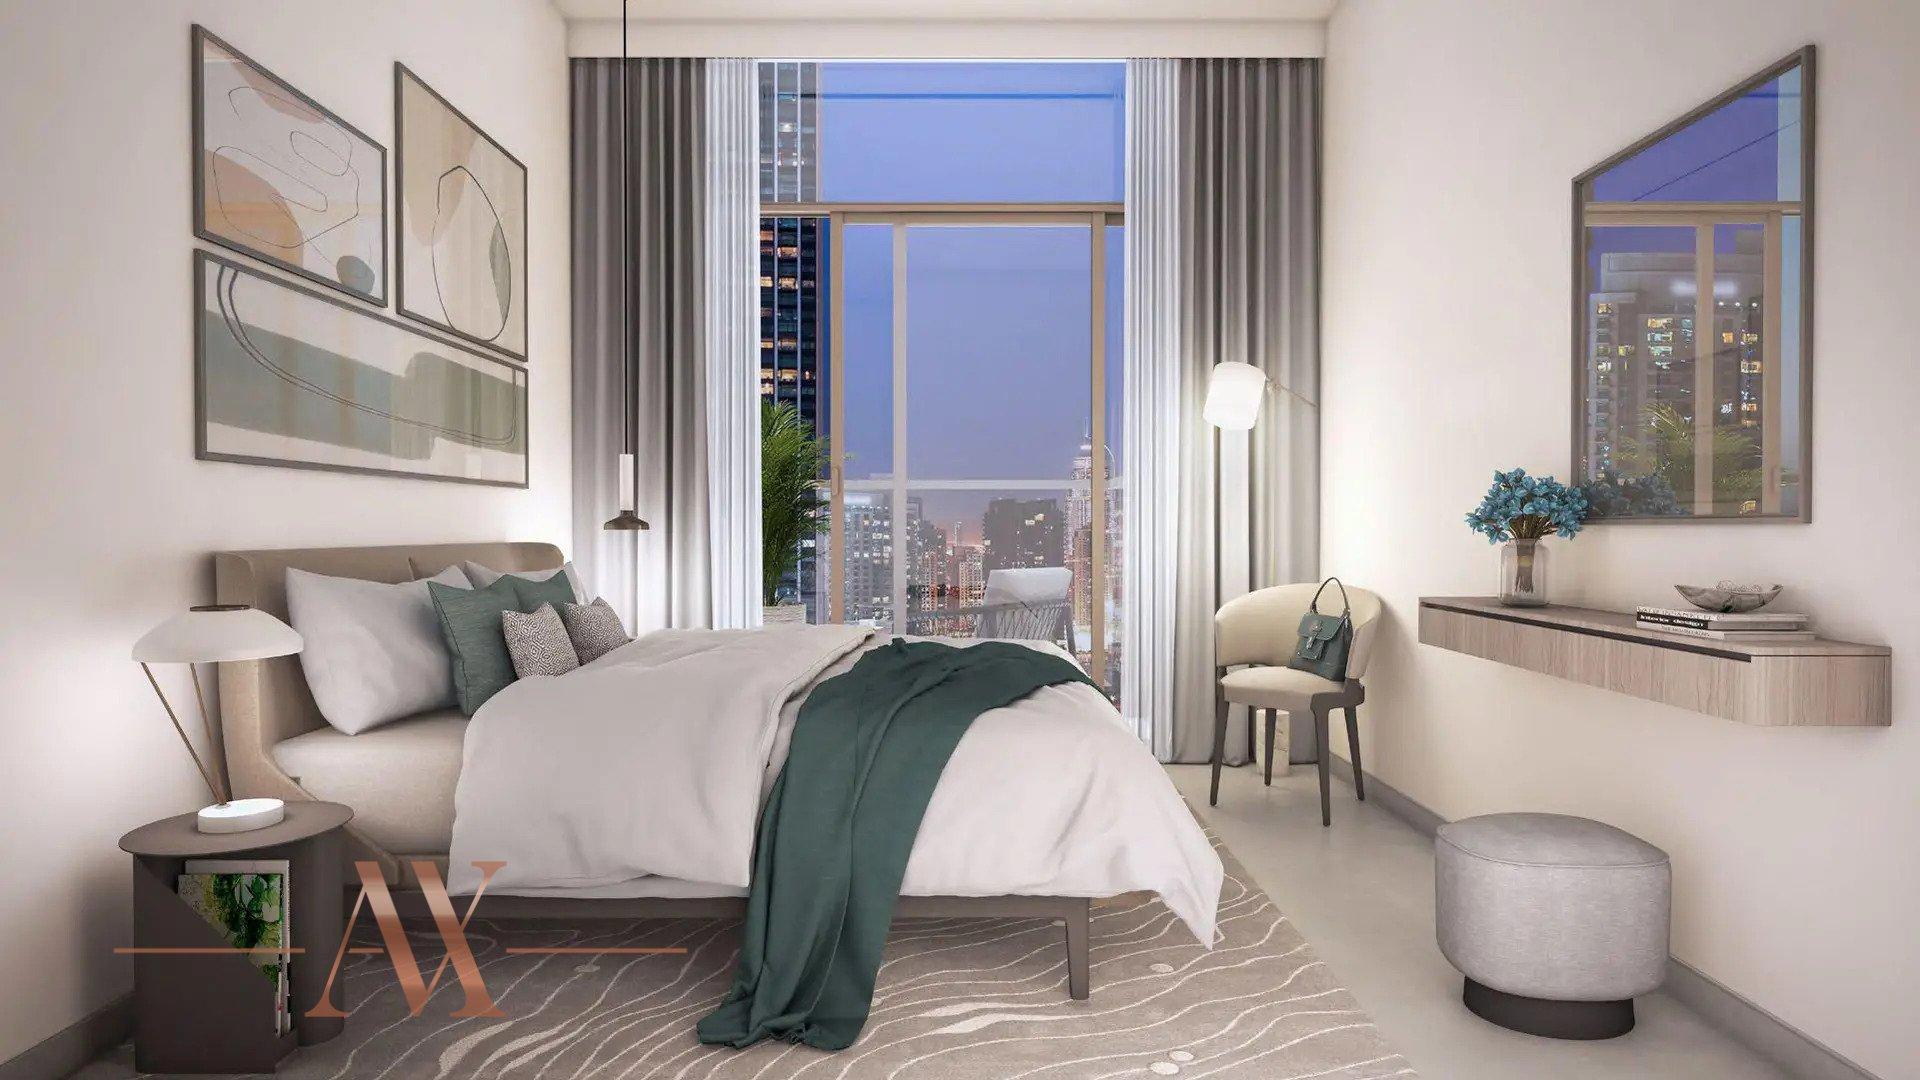 Apartment for sale in Dubai, UAE, 2 bedrooms, 92 m2, No. 23830 – photo 11